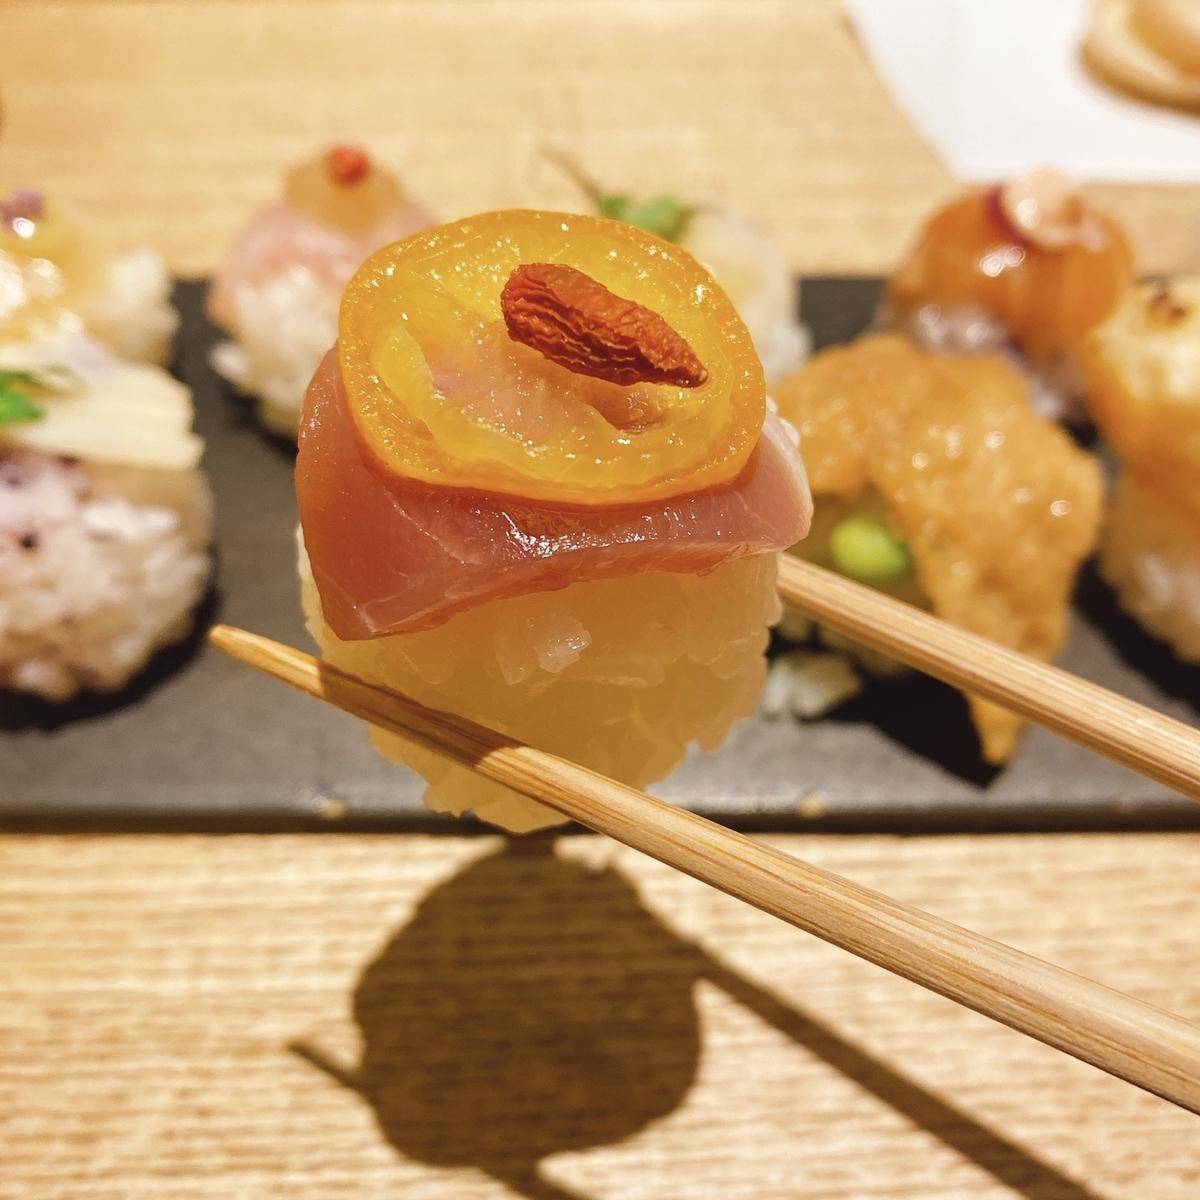 鴨燻製の寿司の写真